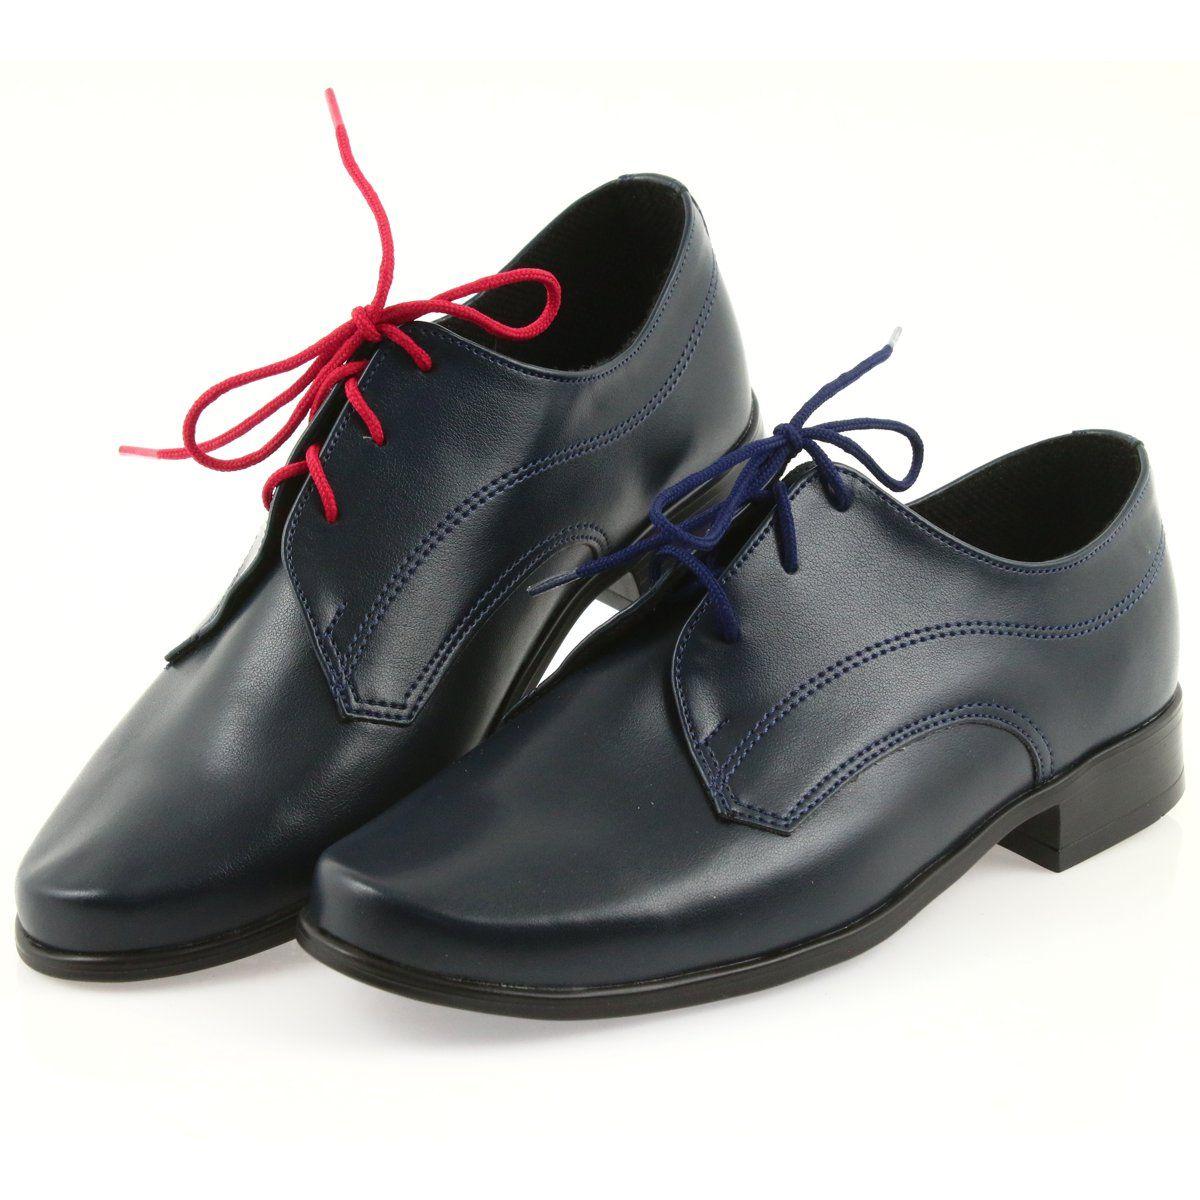 Polbuty I Trzewiki Dzieciece Dla Dzieci Miko Granatowe Miko Polbuty Dzieciece Buty Komunijne Childrens Shoes Childrens Leather Shoes Shoes